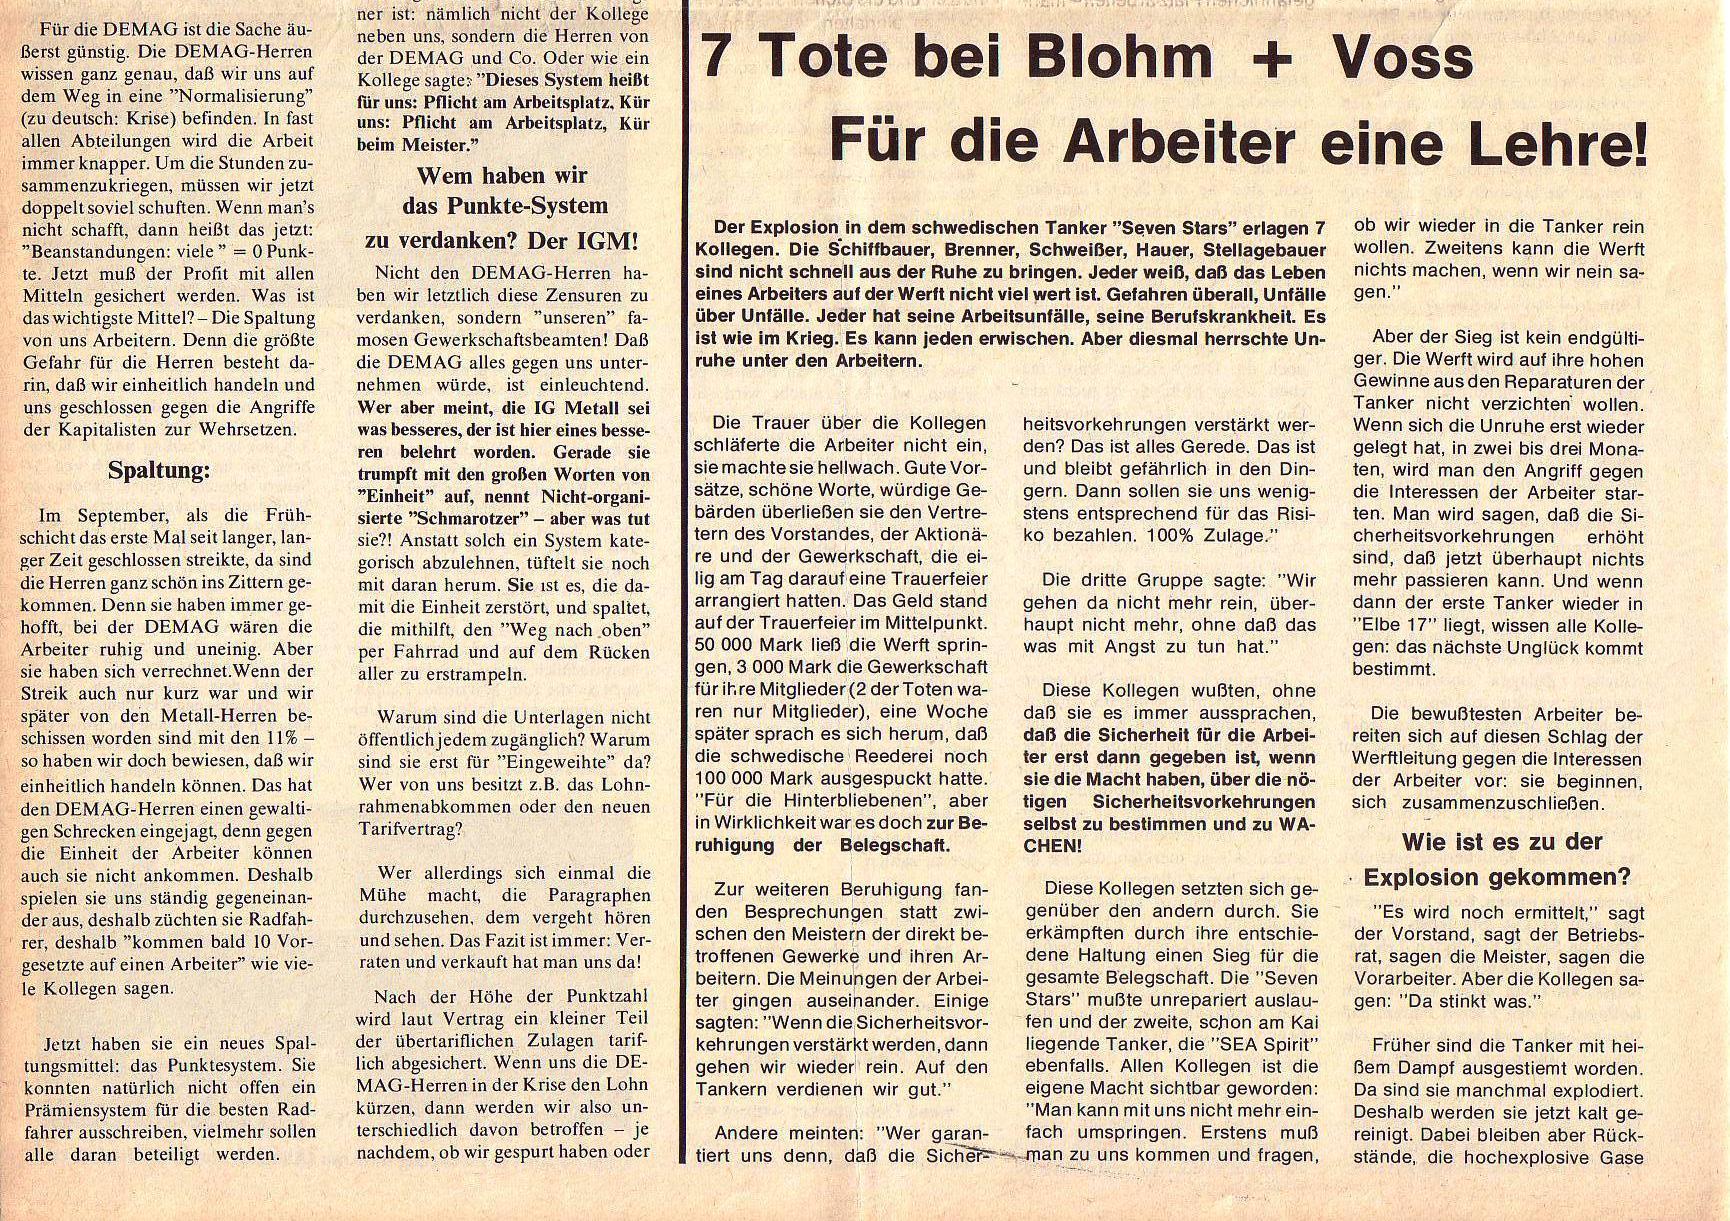 Roter Morgen, 5. Jg., April 1971, Nr. 4, Seite 6b